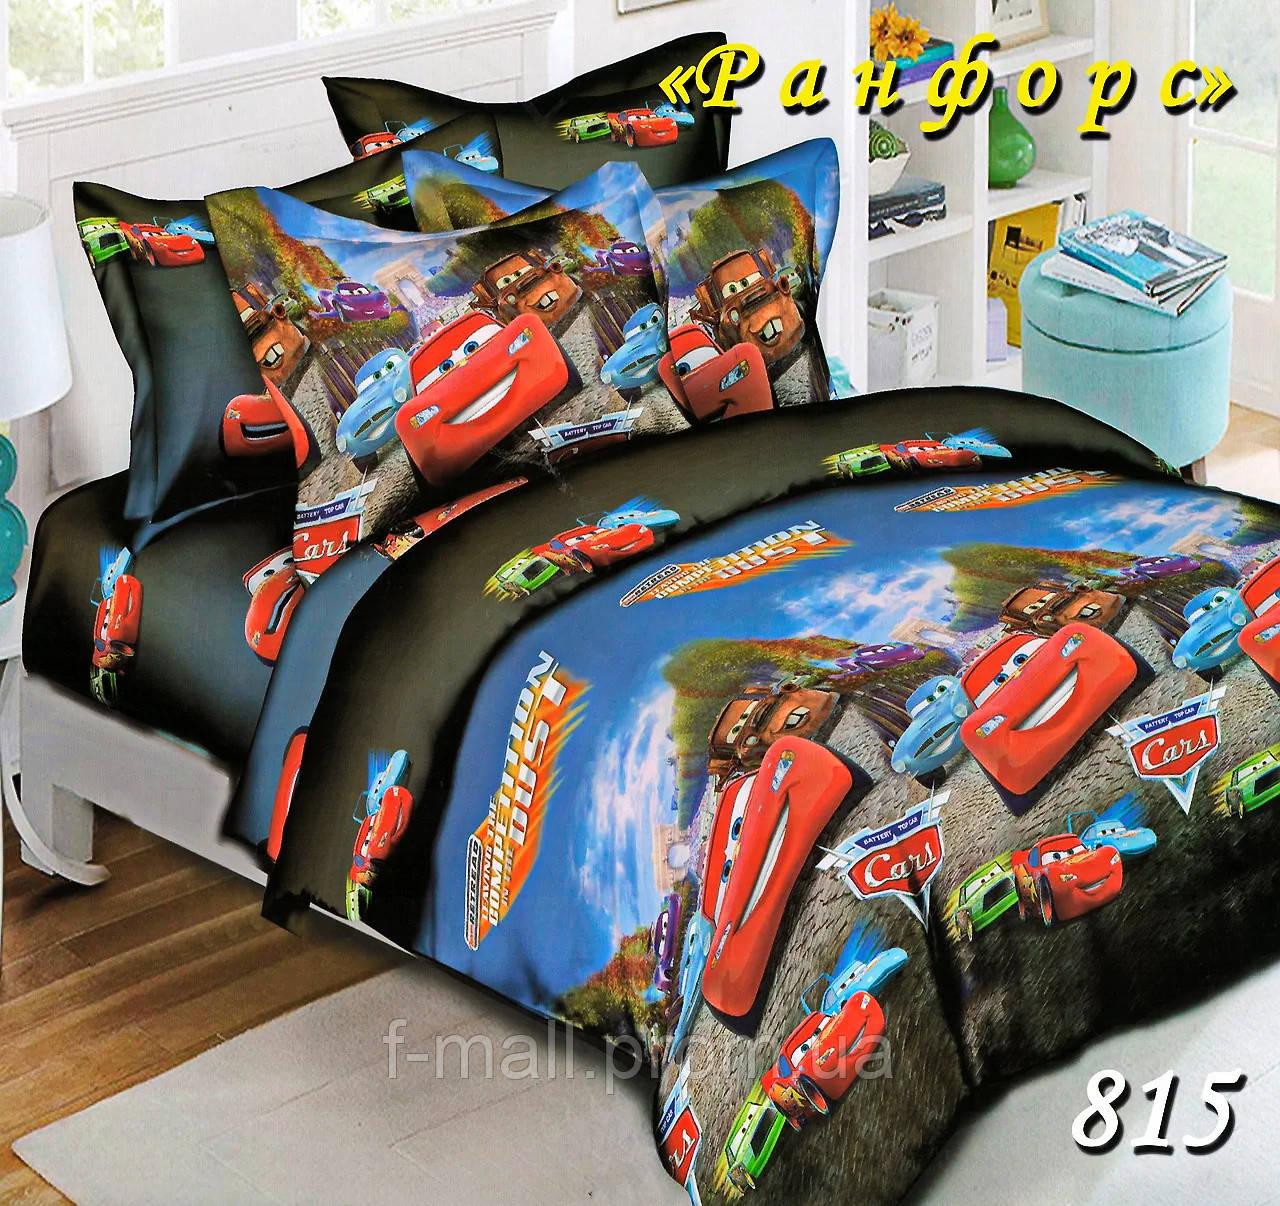 Комплект детского постельного белья Тет-А-Тет (Украина) ранфорс полуторное (815)